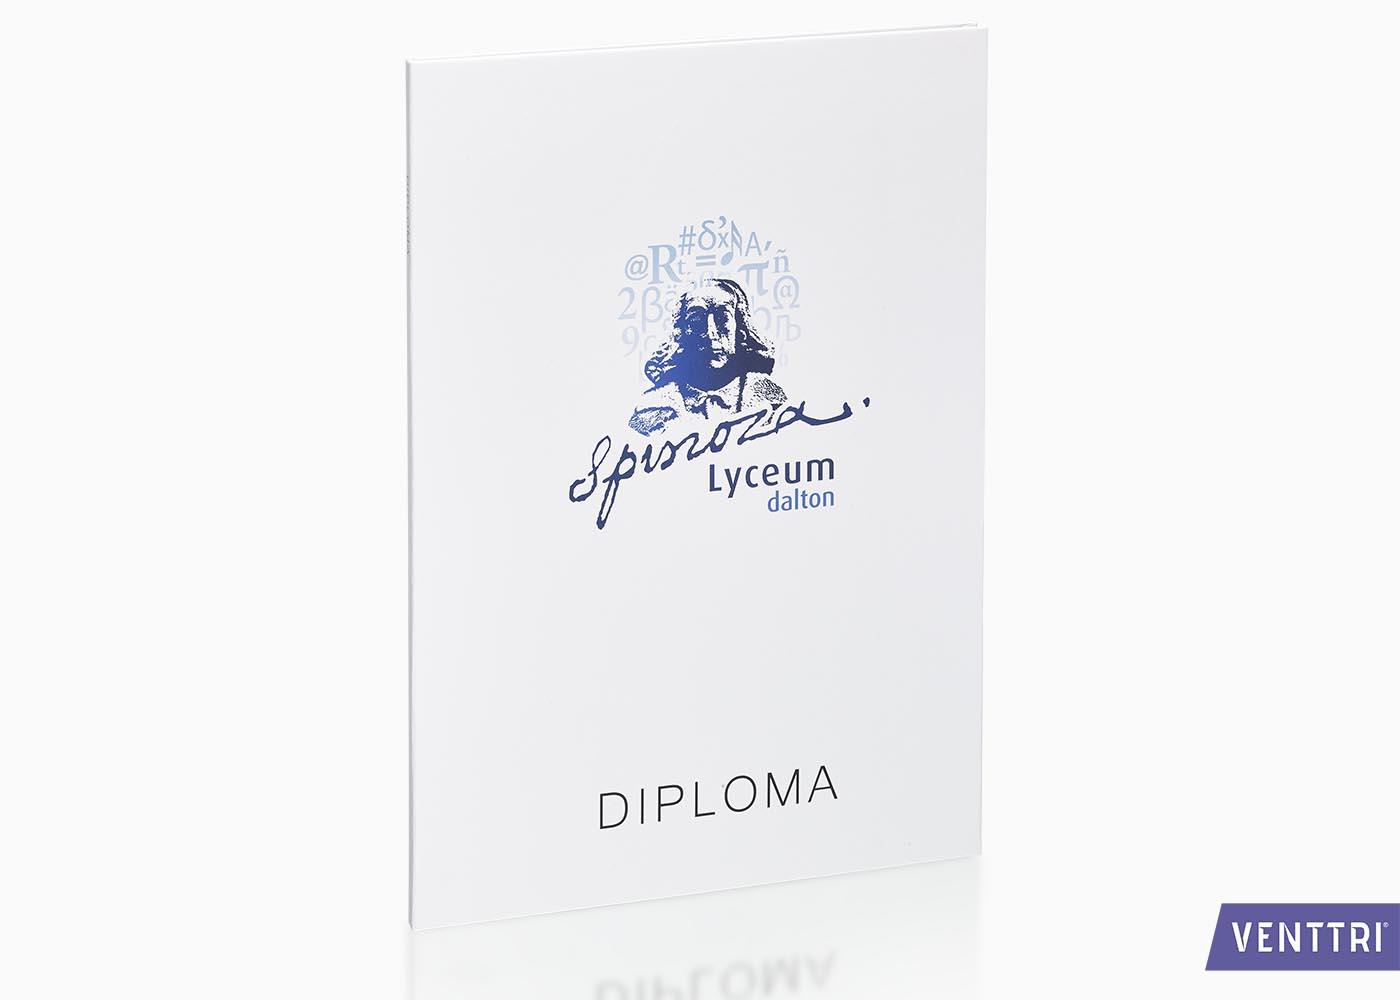 Diplomamap met mat laminaat 1